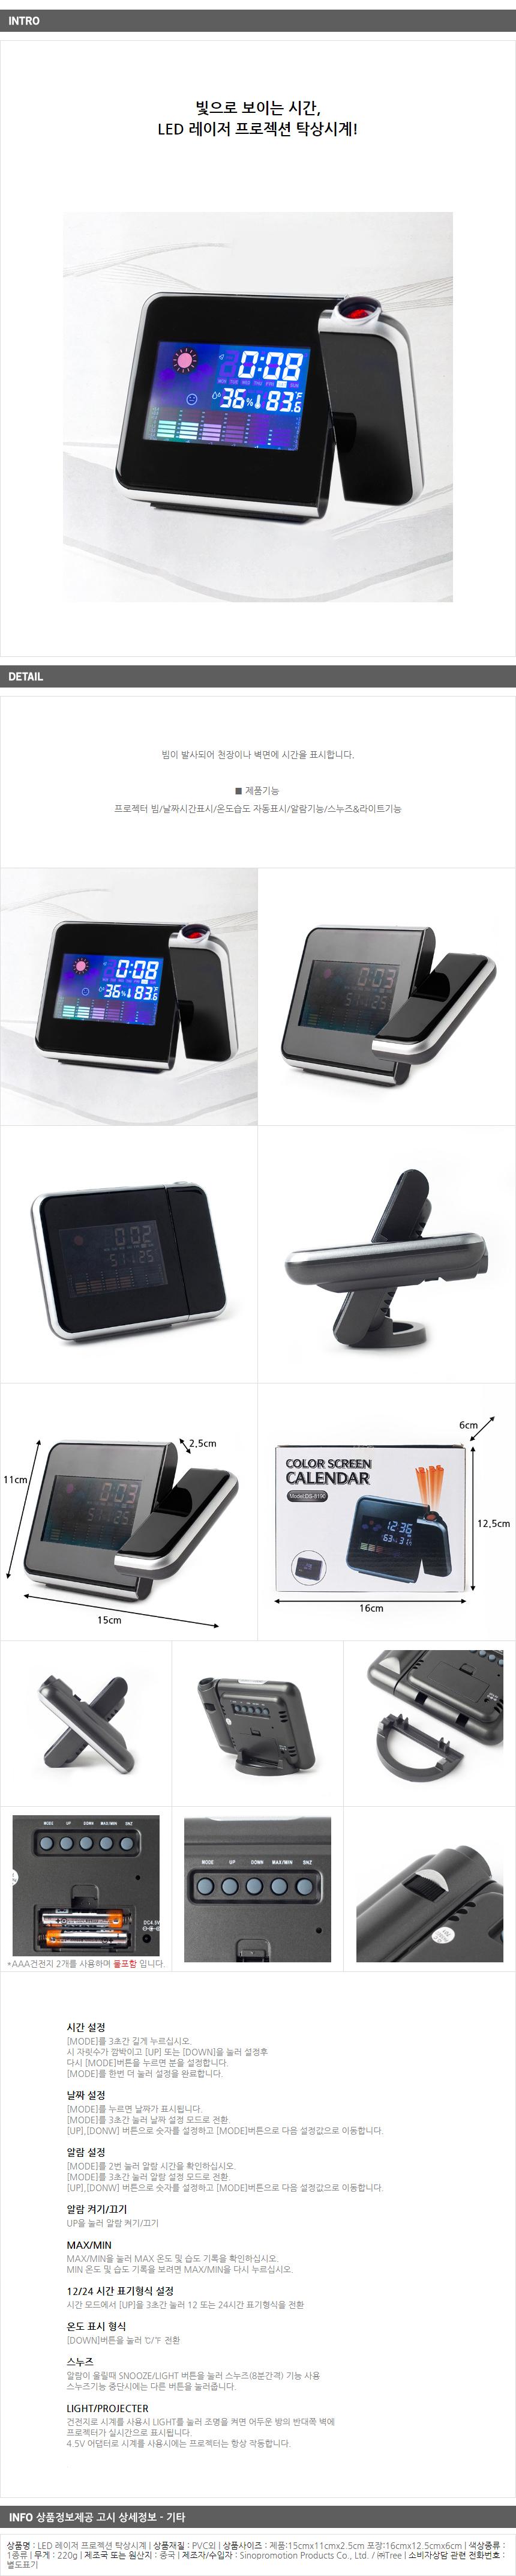 LED 디지털 레어저빔 탁상시계/무소음시계 알람시계 - 기프트갓, 12,230원, 알람/탁상시계, LED/디지털시계